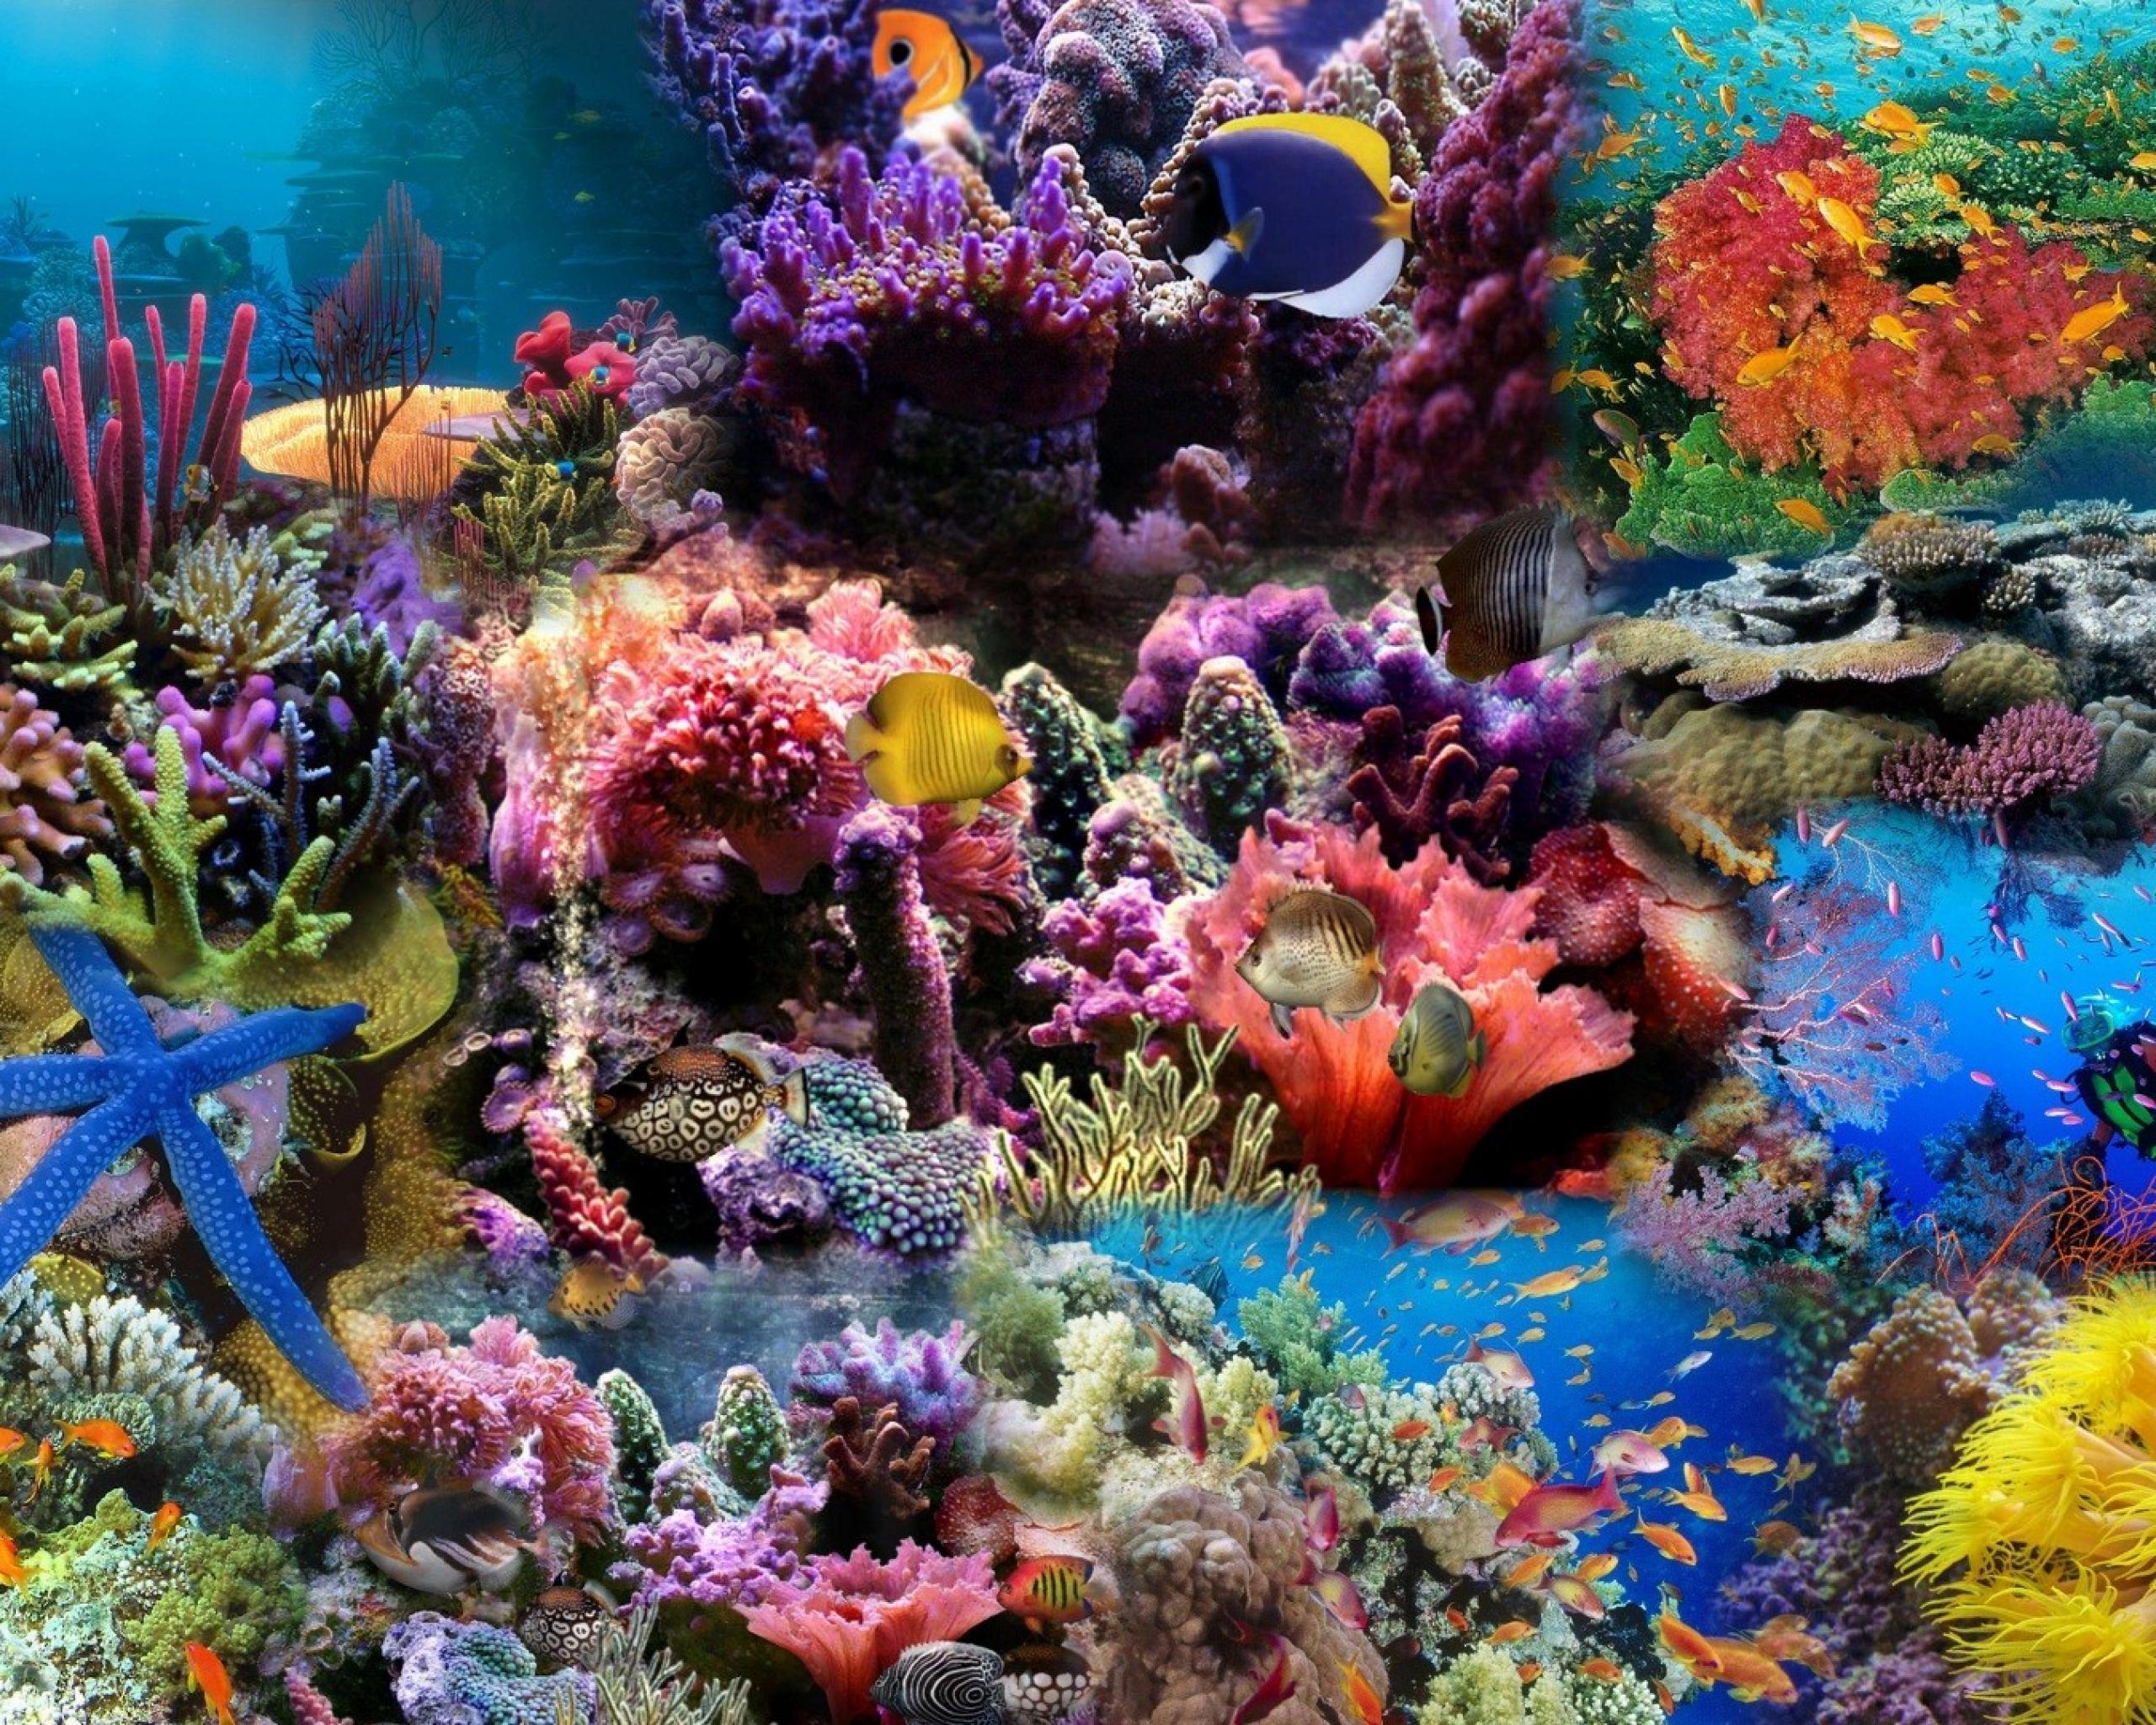 75847 Заставки и Обои Рыбы на телефон. Скачать Рыбы, Кораллы, Подводный Мир, Природа картинки бесплатно